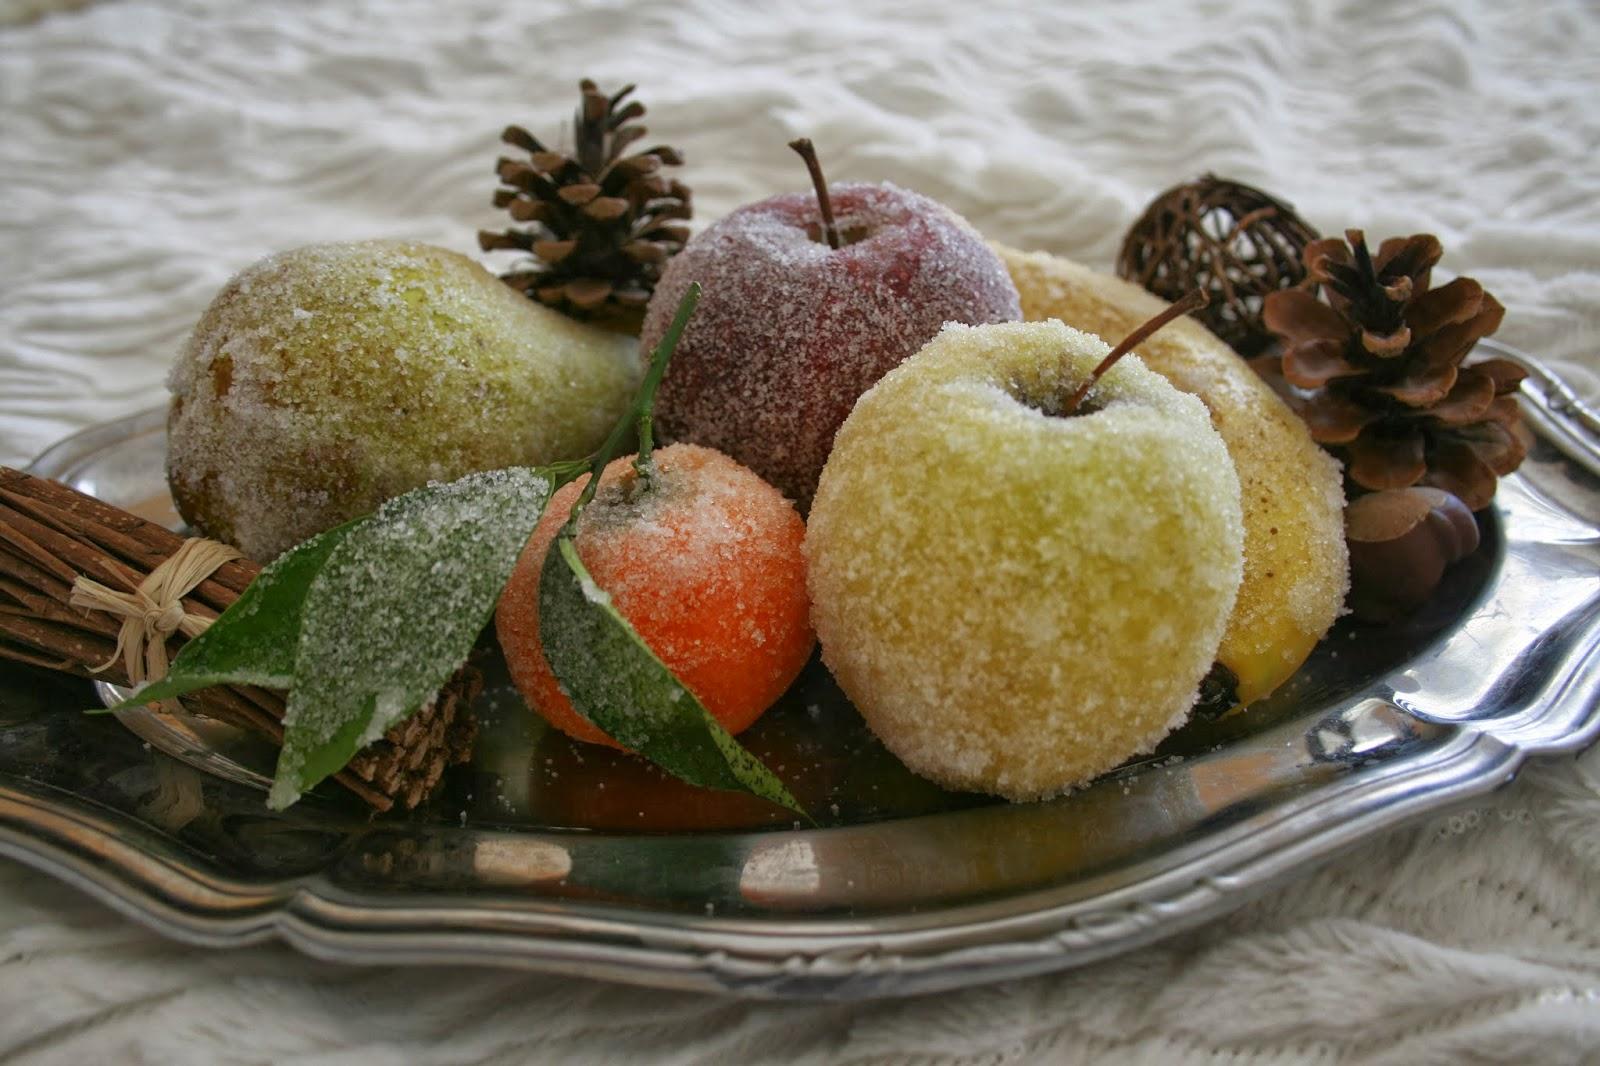 La gourmandise est un agr able d faut fruits givr s - Corbeille de fruits maison du monde ...